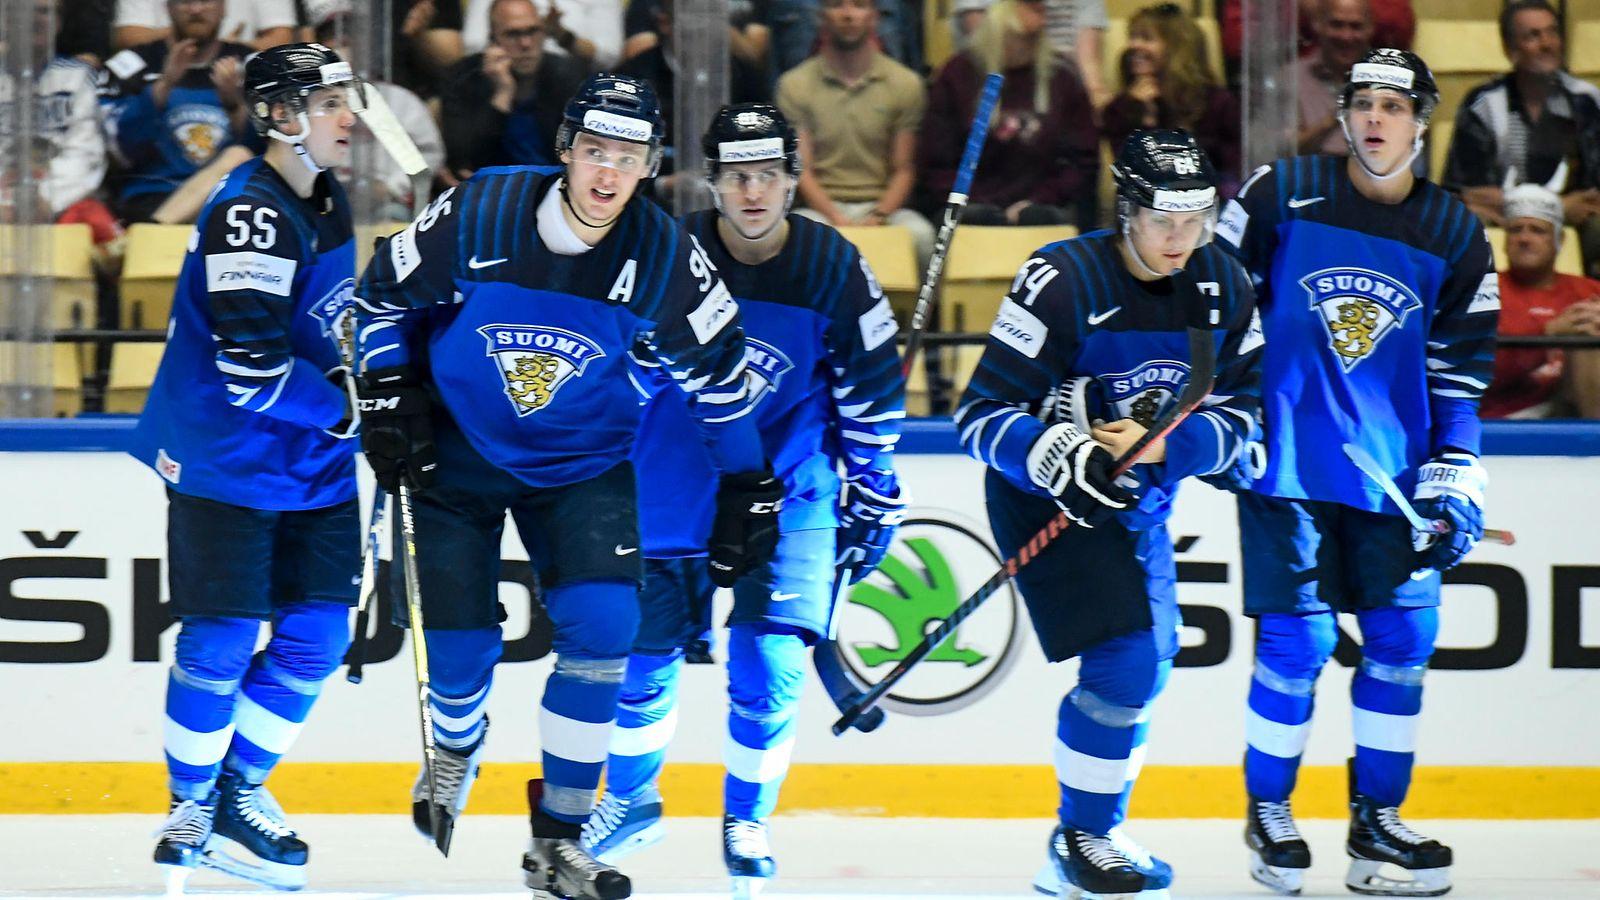 Äänestä Leijonien hienoin maali Yhdysvaltoja vastaan! - MM-jääkiekko - Sport - MTV.fi